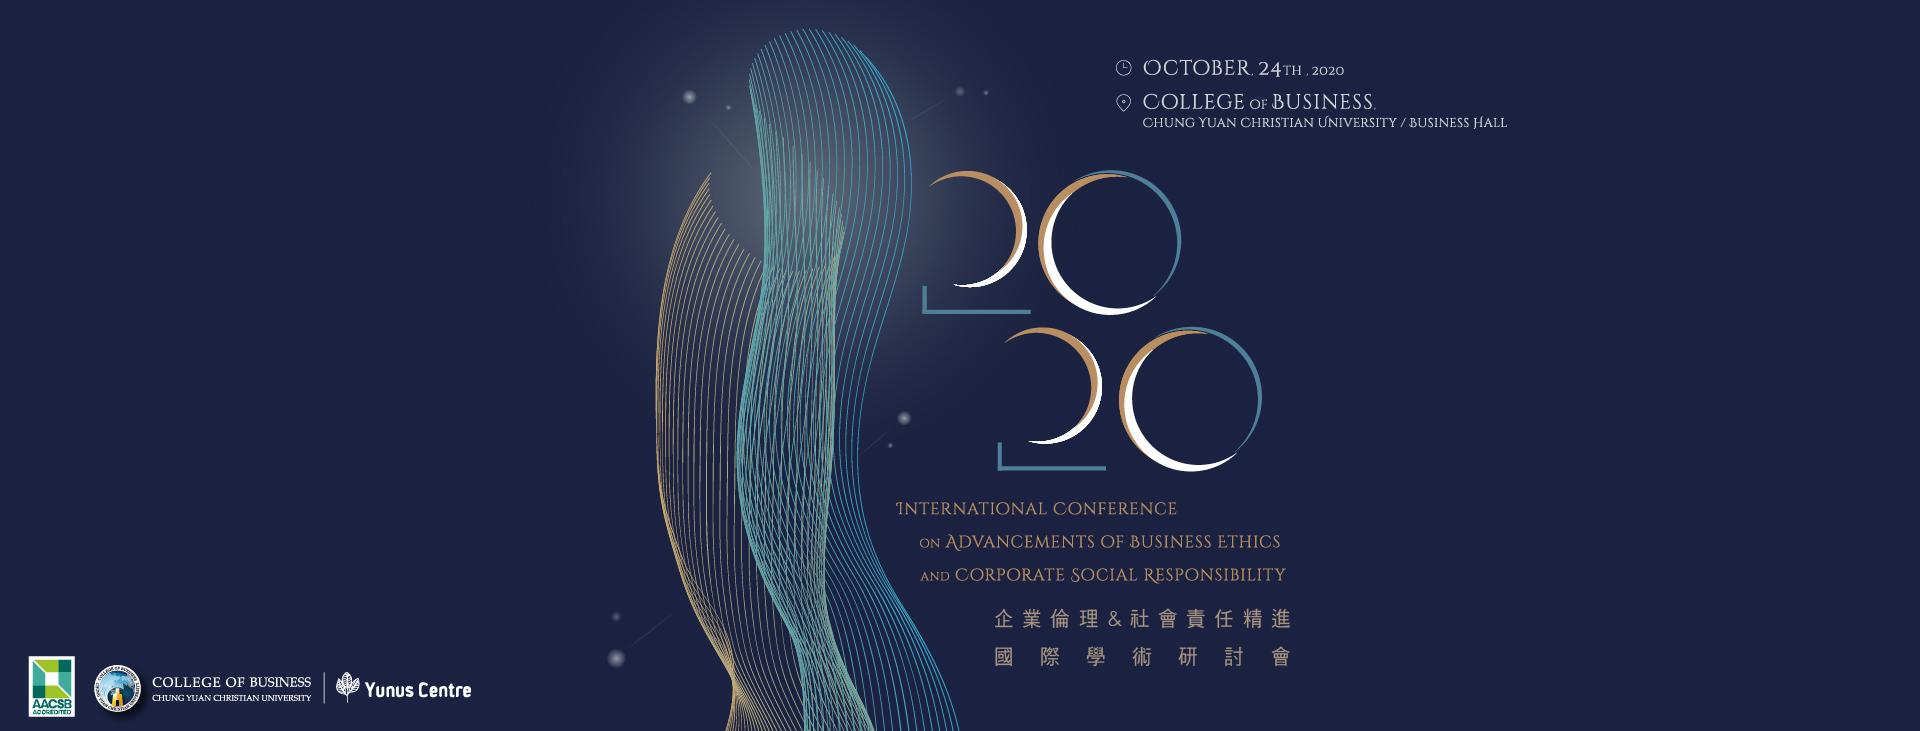 2020企業倫理與社會責任精進研討會